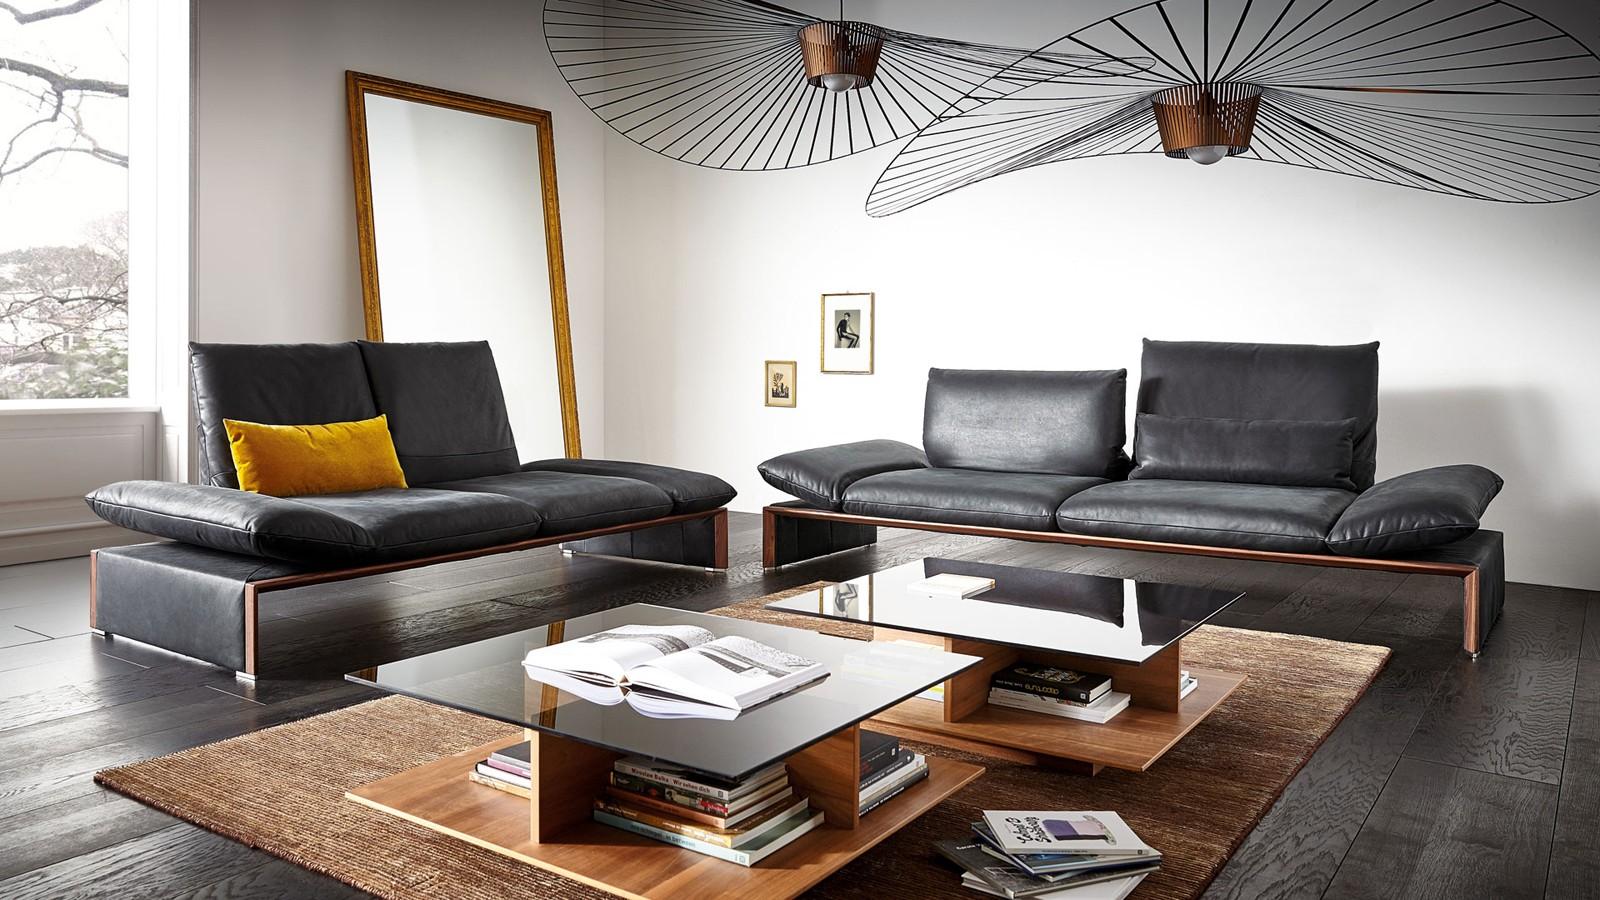 Canapea modernă Koinor Houston